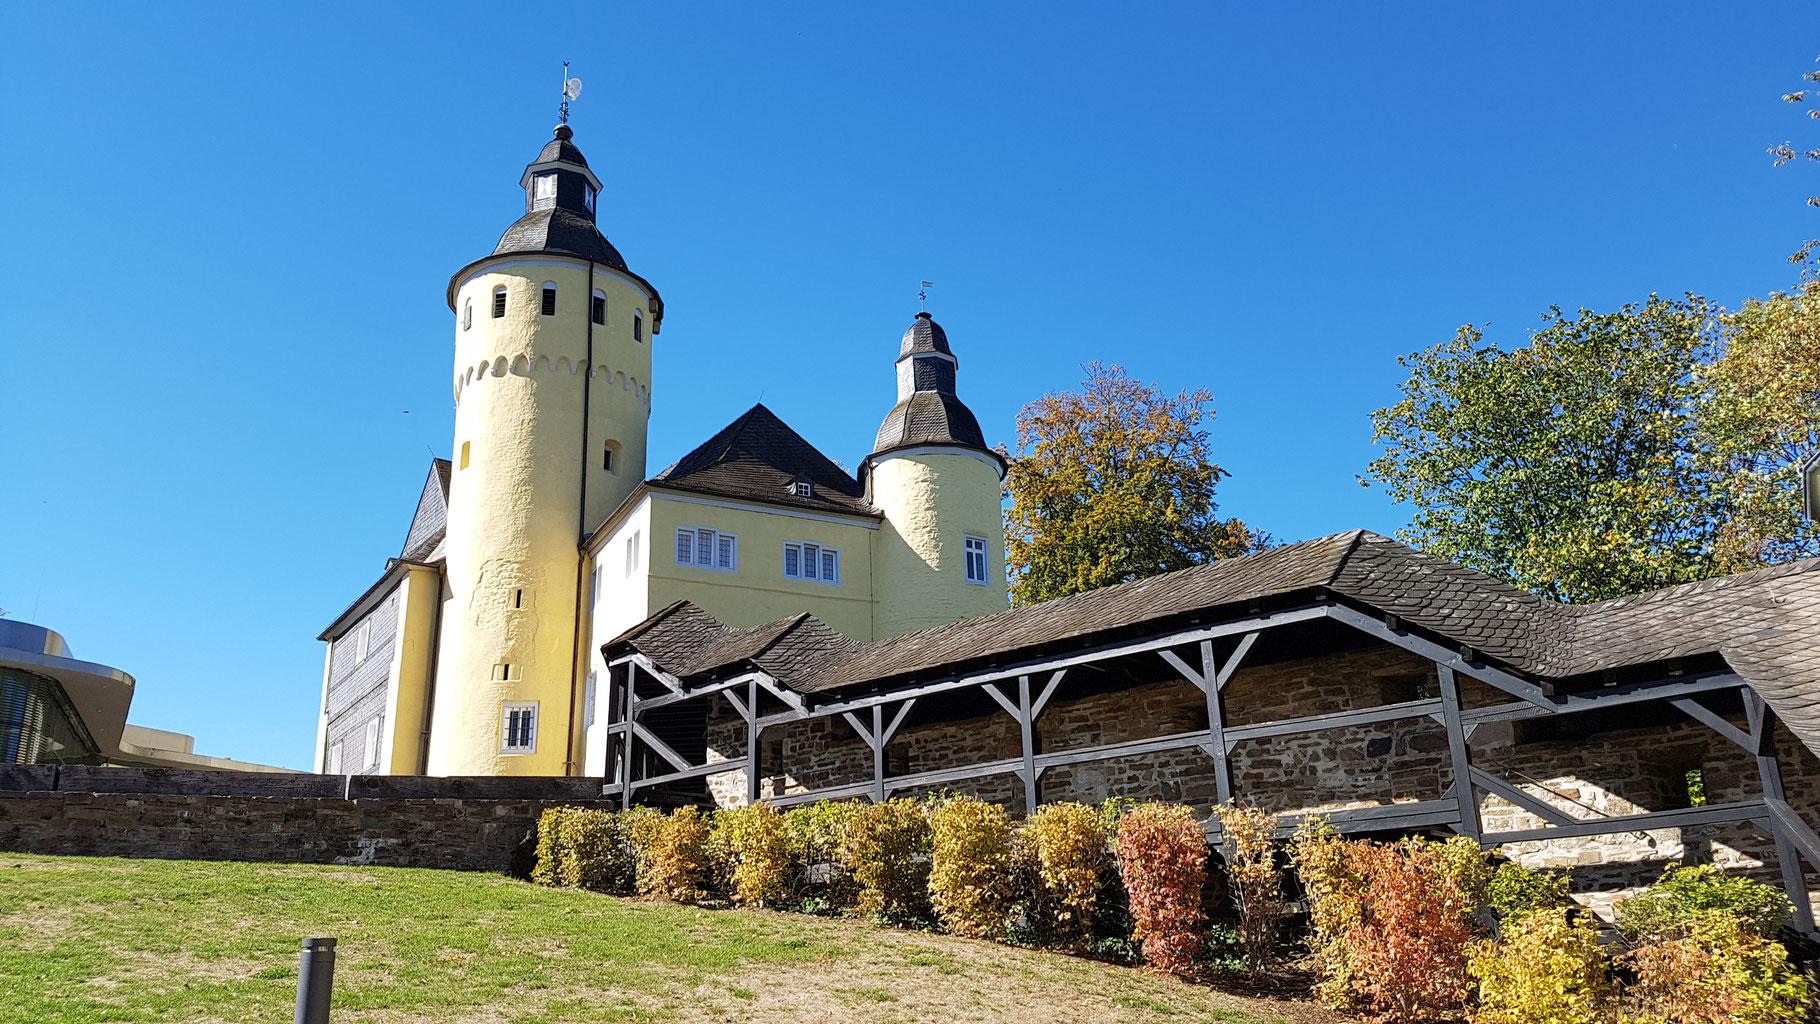 Reiseberichte Frauenchor Musica 76 Heiligenhaus